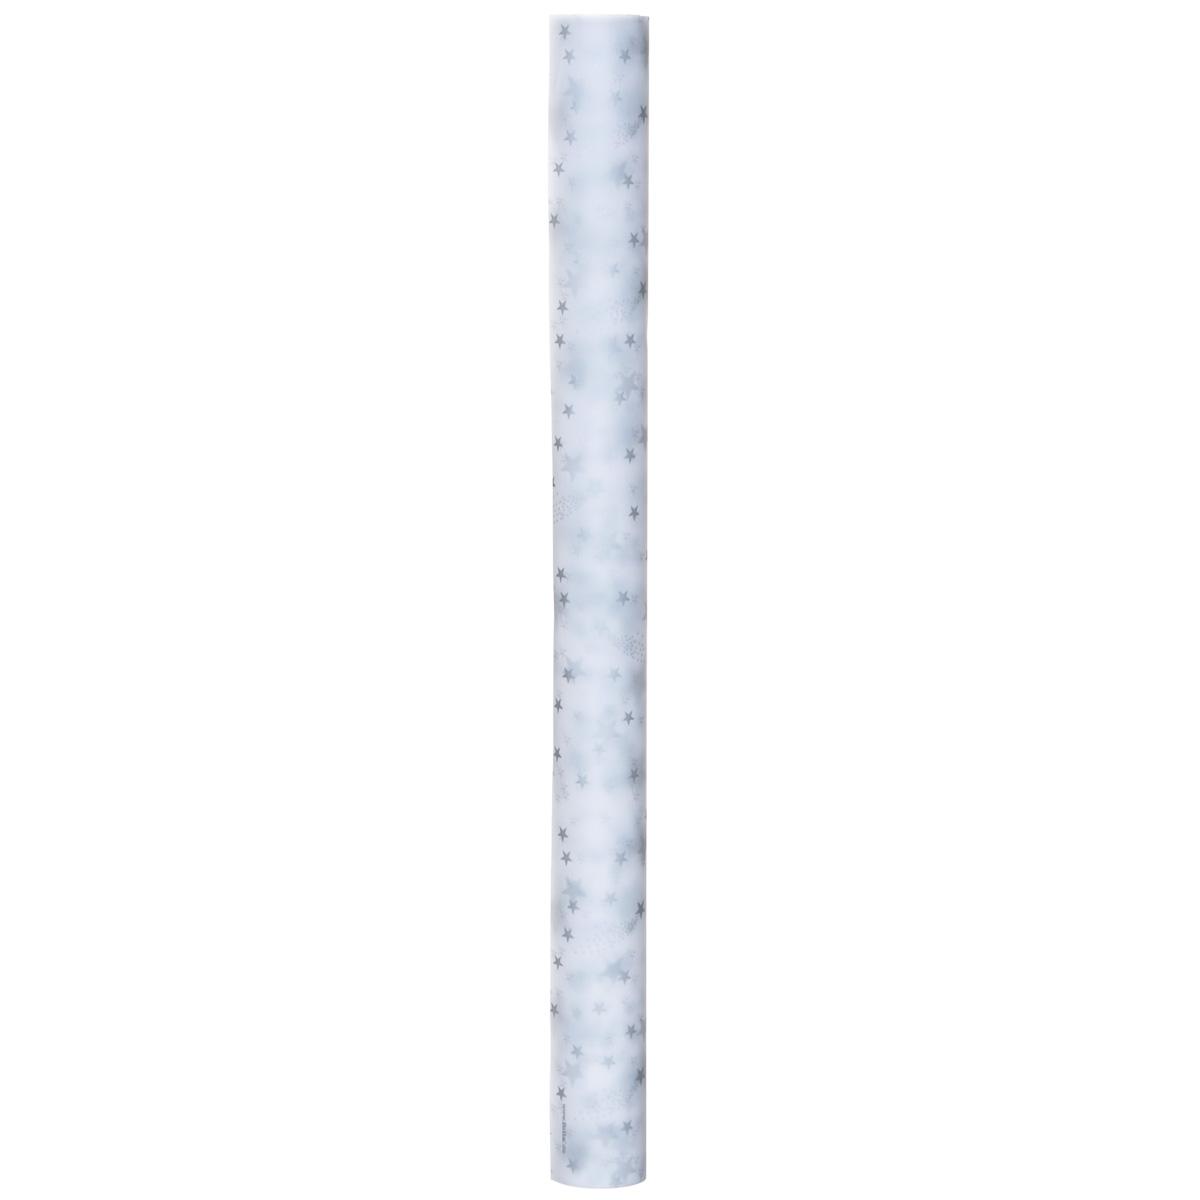 Транспарентная бумага Folia Звезды, цвет: белый, серебристый, 50,5 x 70 см7708112Транспарентная бумага Folia Звезды - полупрозрачная бумага с оригинальным дизайном в виде красивых звезд. Используется для изготовления открыток, для скрапбукинга и других декоративных или дизайнерских работ. Бумага прекрасно держит форму, не пачкает руки, отлично крепится. Конструирование из транспарентной бумаги - необходимый для развития детей процесс. Во время занятия аппликацией ребенок сумеет разработать четкость движений, ловкость пальцев, аккуратность и внимательность. Кроме того, транспарентная бумага позволит разнообразить идеи ребенка при создании творческих работ.